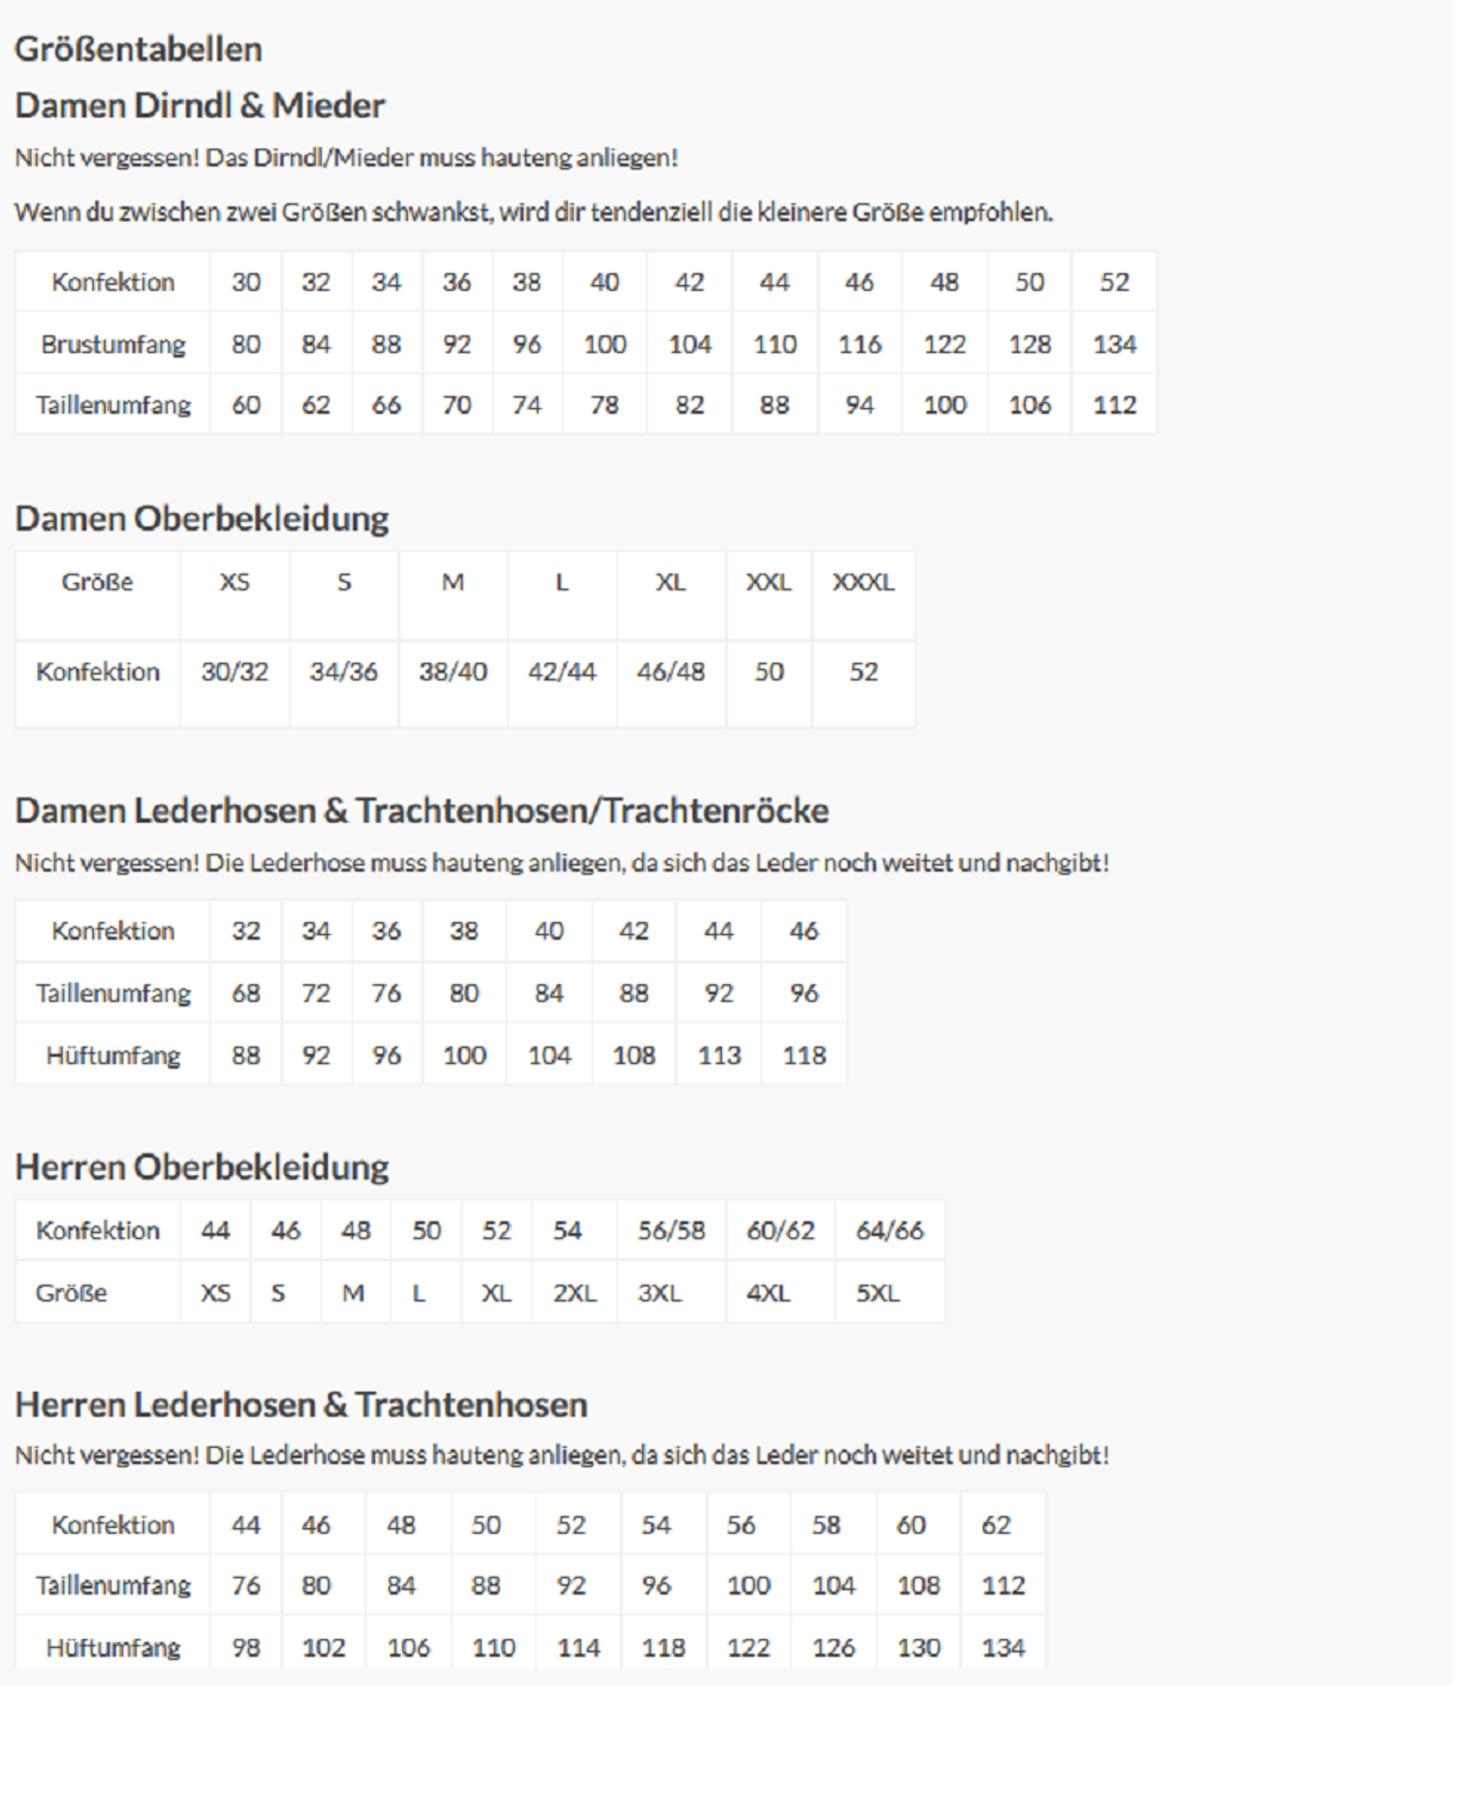 """Krüger - Damen Trachtenhose im """"Lederhosen-Look"""" mit Hirschhorn-Knöpfen in Braun, Joggers  (Artikelnummer: 30390-7) – Bild 5"""